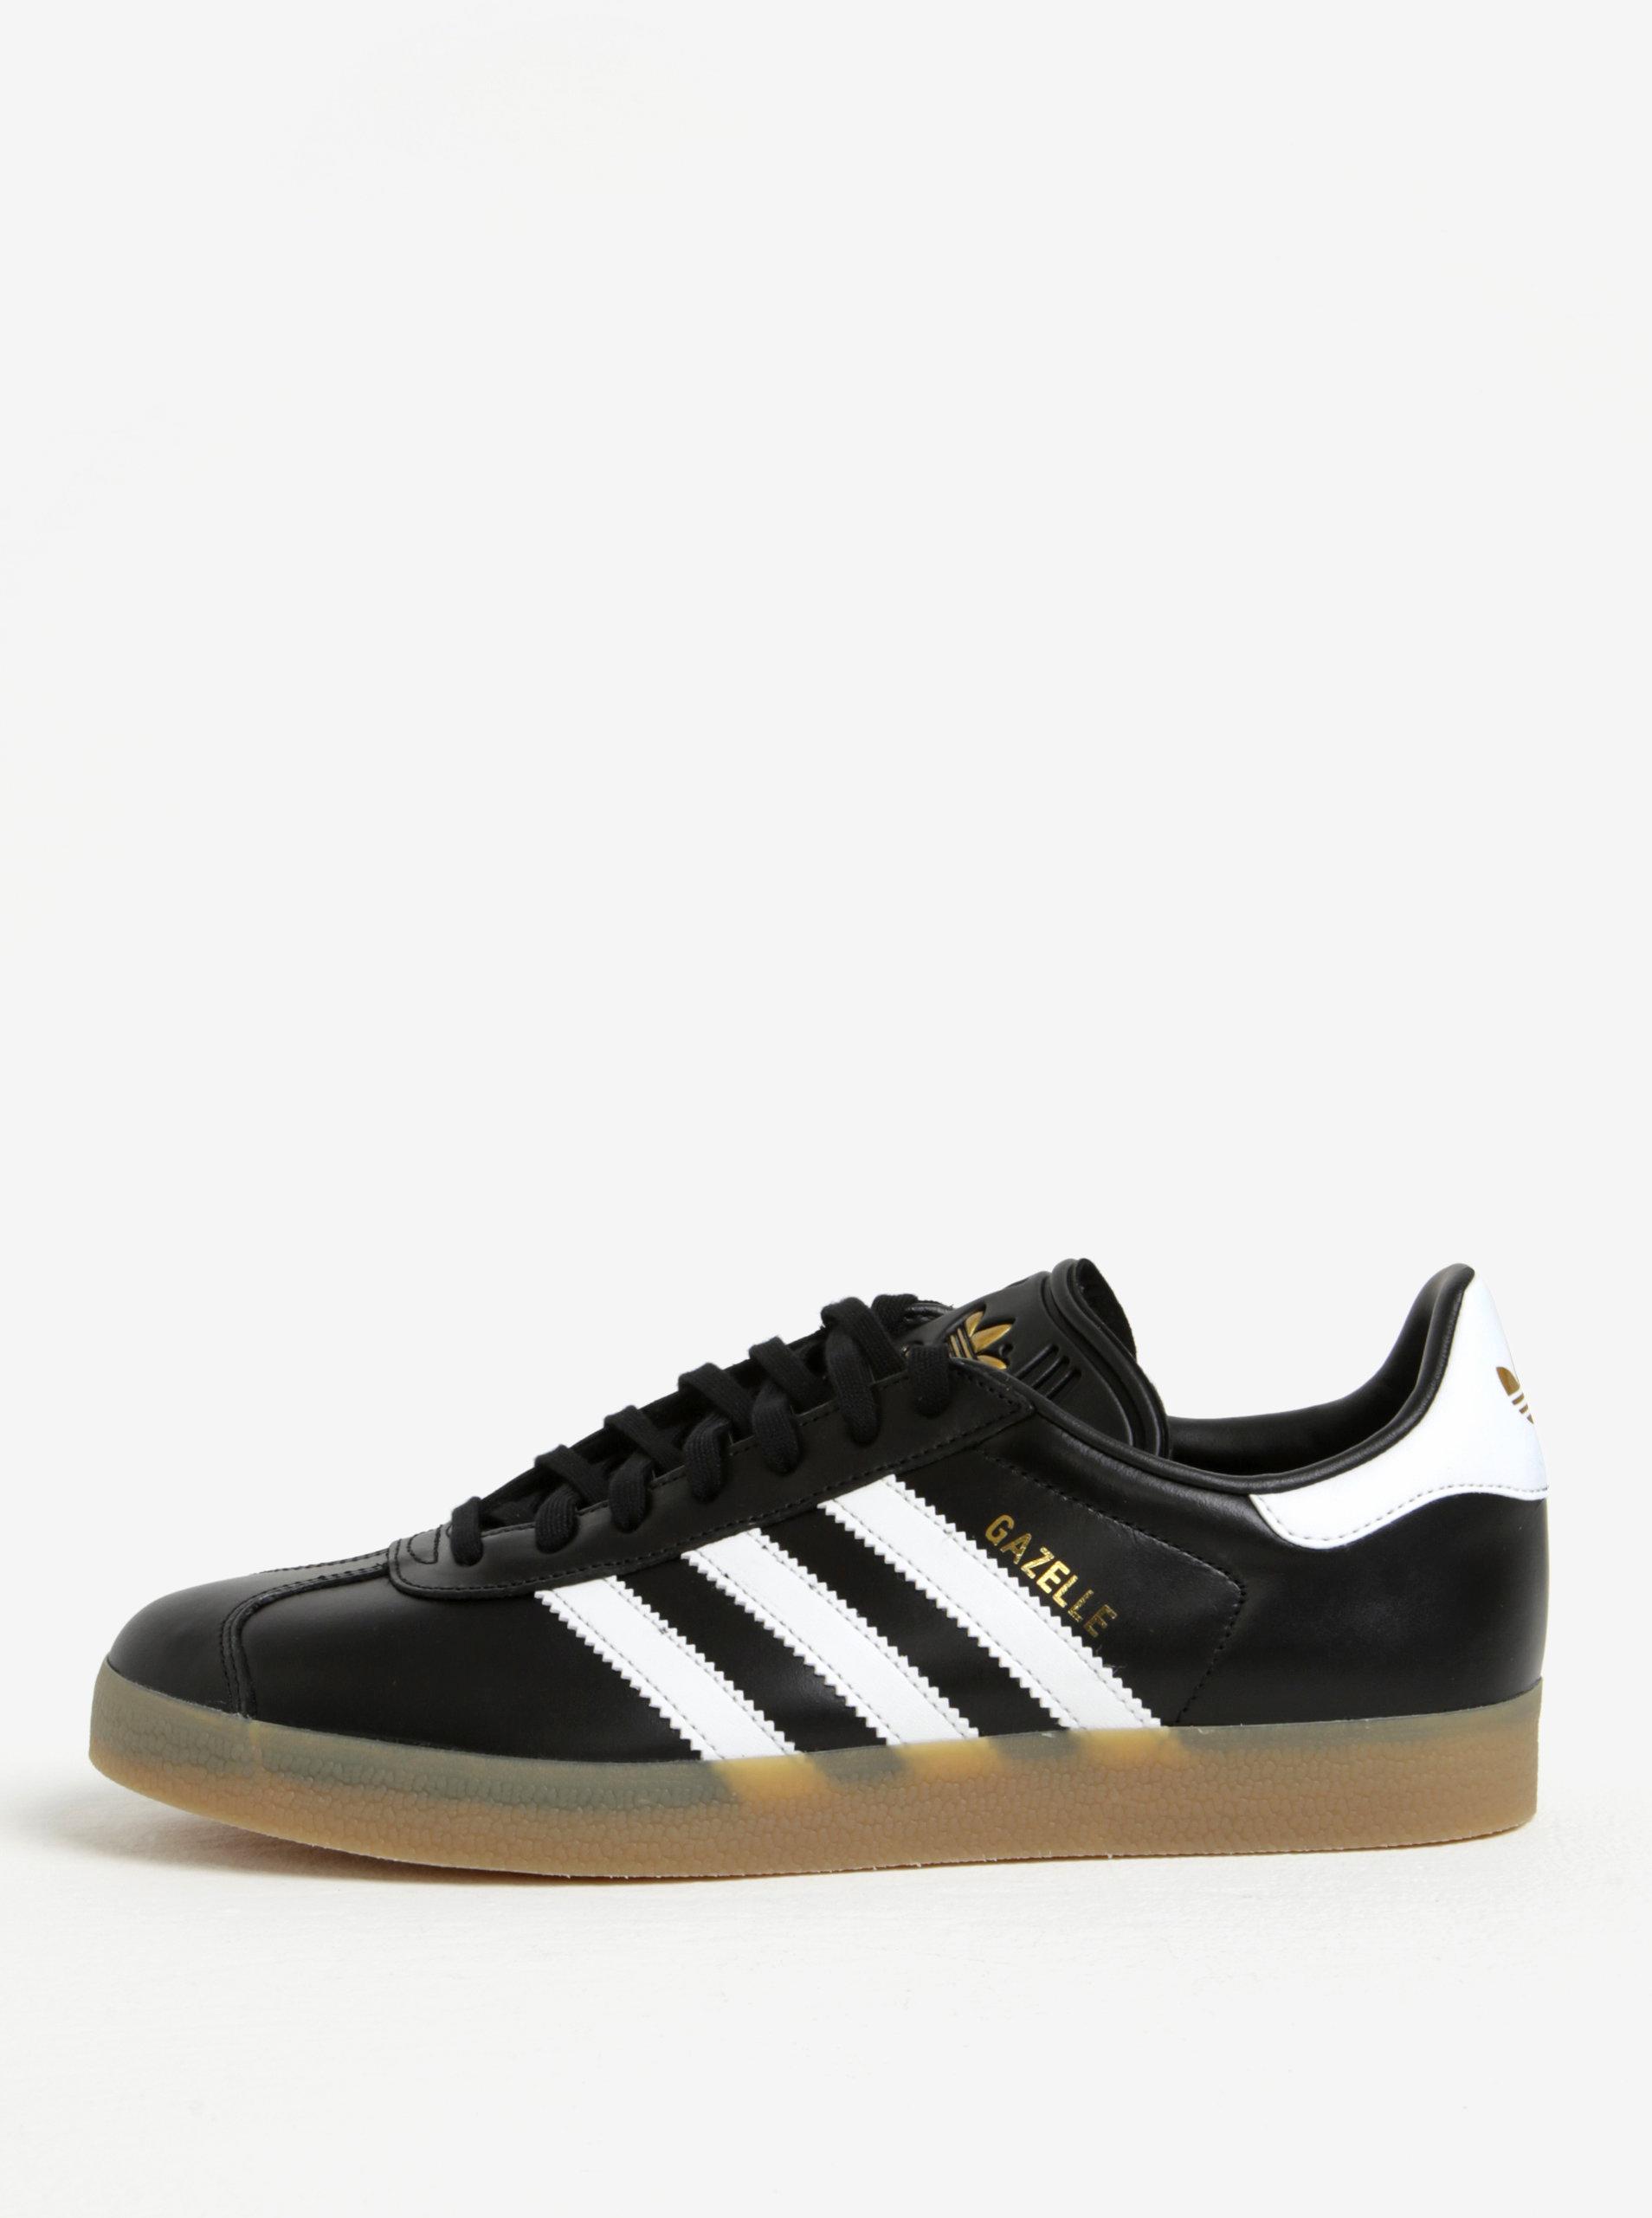 1cbe1d4e47 Černé pánské kožené tenisky adidas Originals Gazelle ...